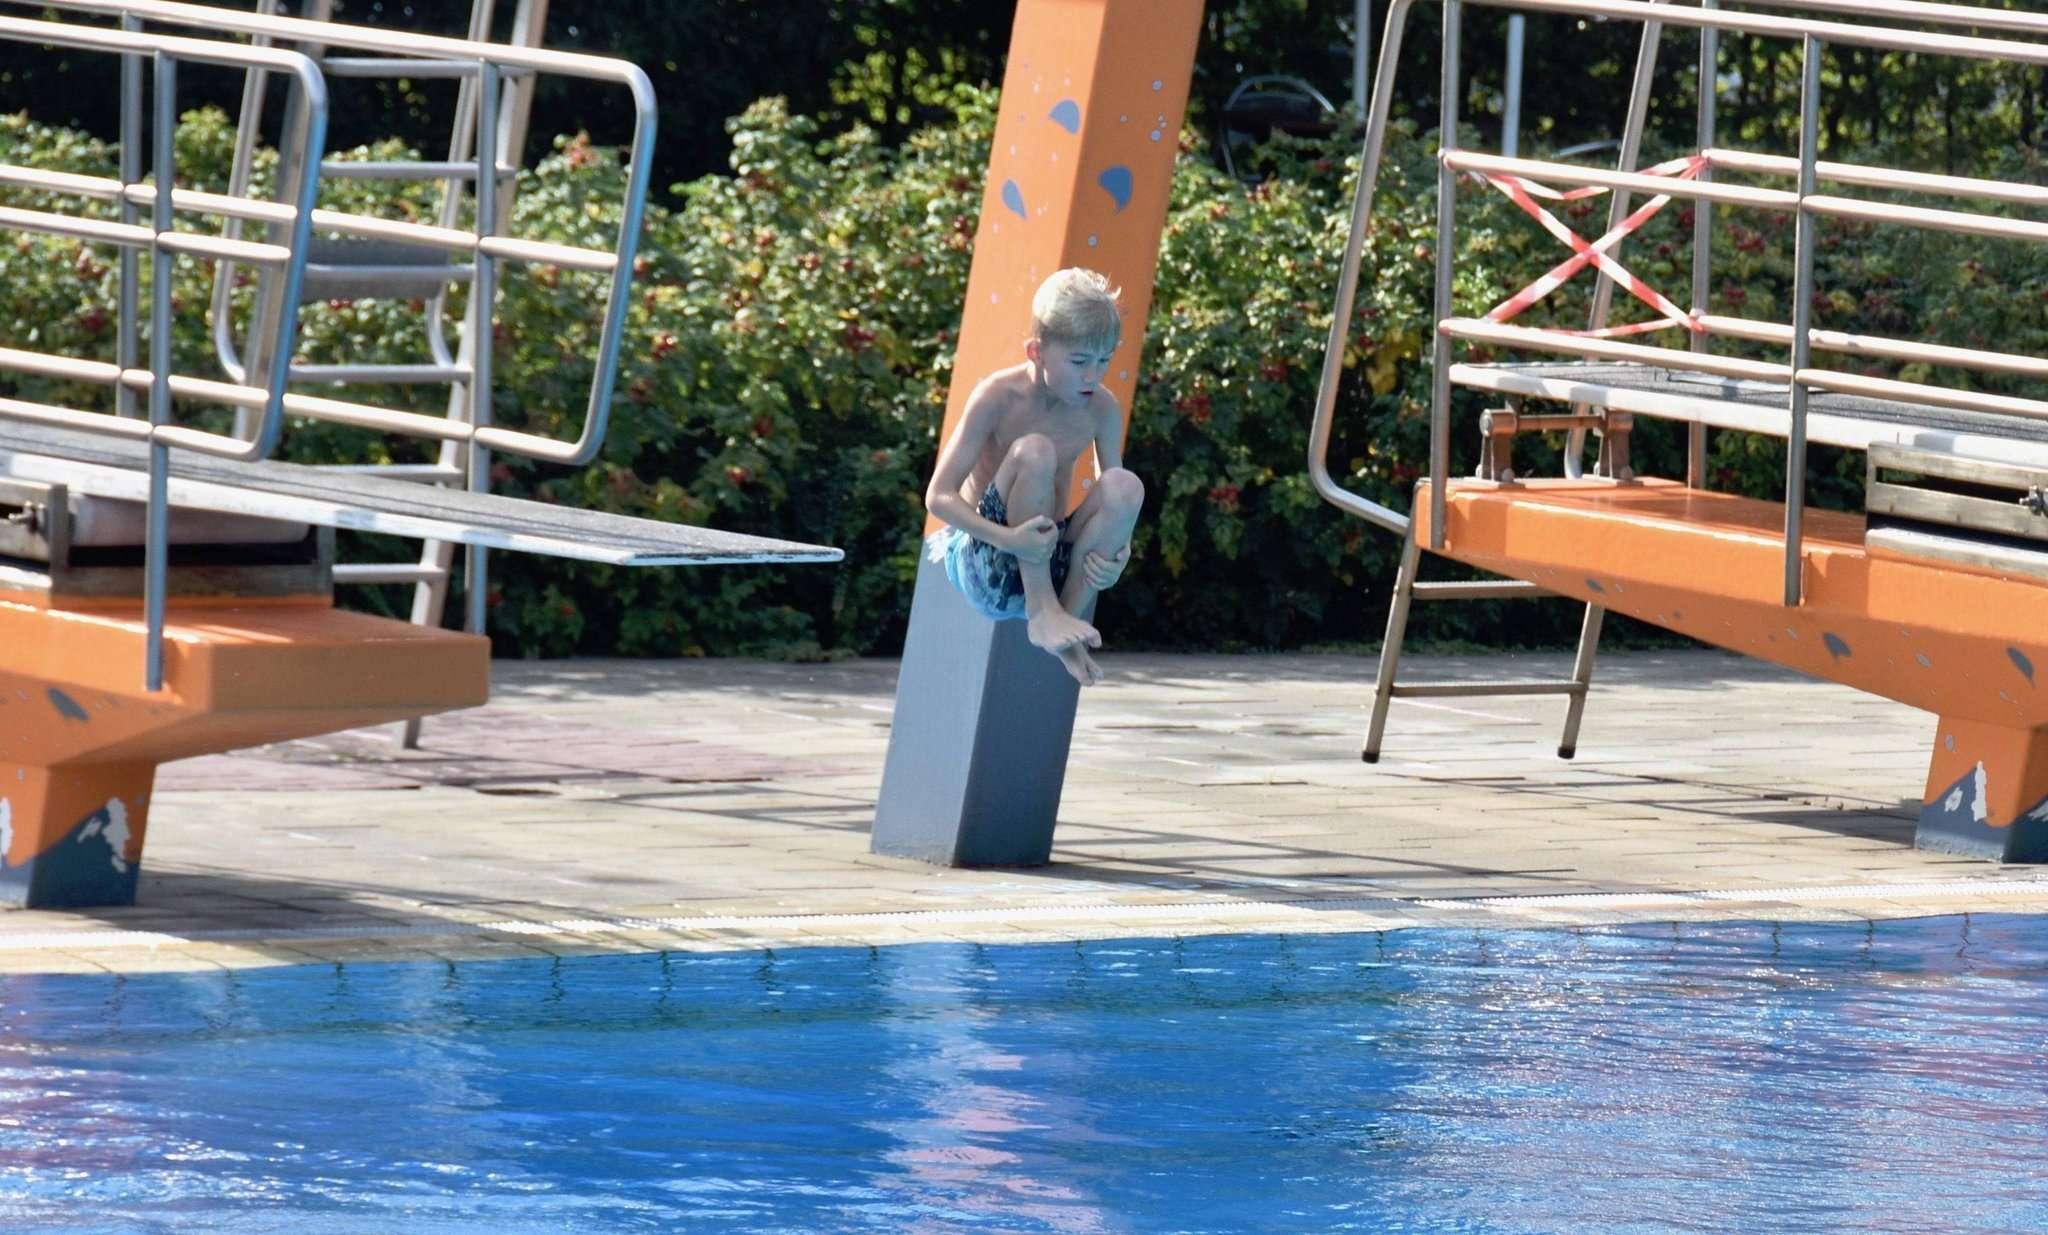 Ein Sprung ins kalte Wasser u2013 dies war für die Schwimmbadbetreiber in diesem Jahr die Freibadsaison. Foto: Judith Tausendfreund